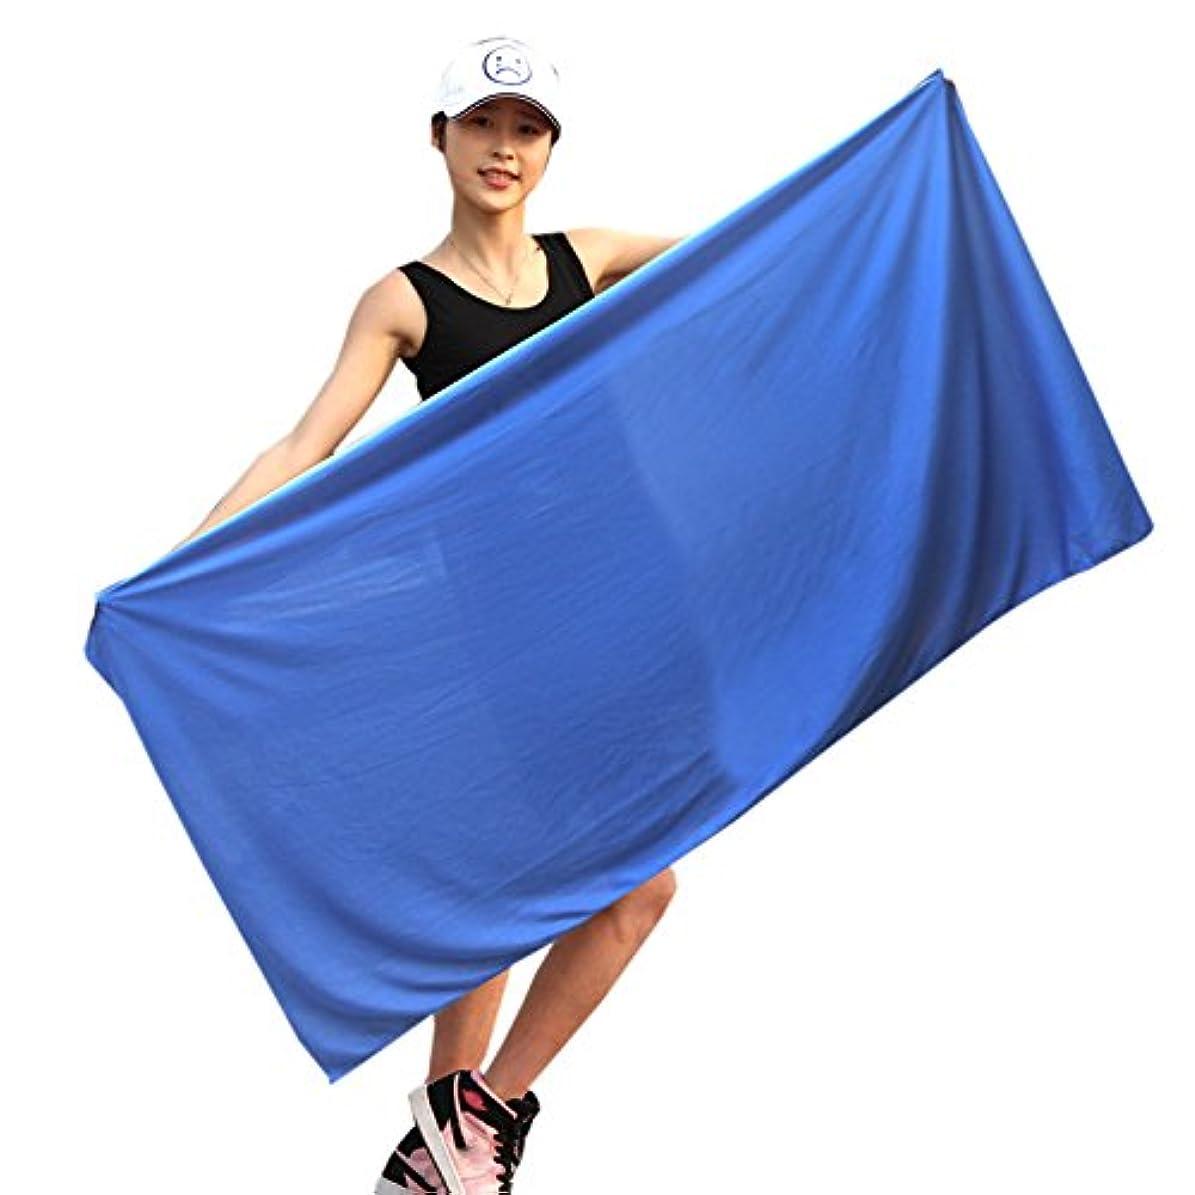 フェデレーション装置吐き出すZumZup 冷却タオル 80 * 150㎝ 超涼しい バスタオル スポーツ プール 運動 水泳 熱中症対策 UVカット 紫外線対策 速乾タオル スポーツタオル 大判 大きいサイズ ローズ